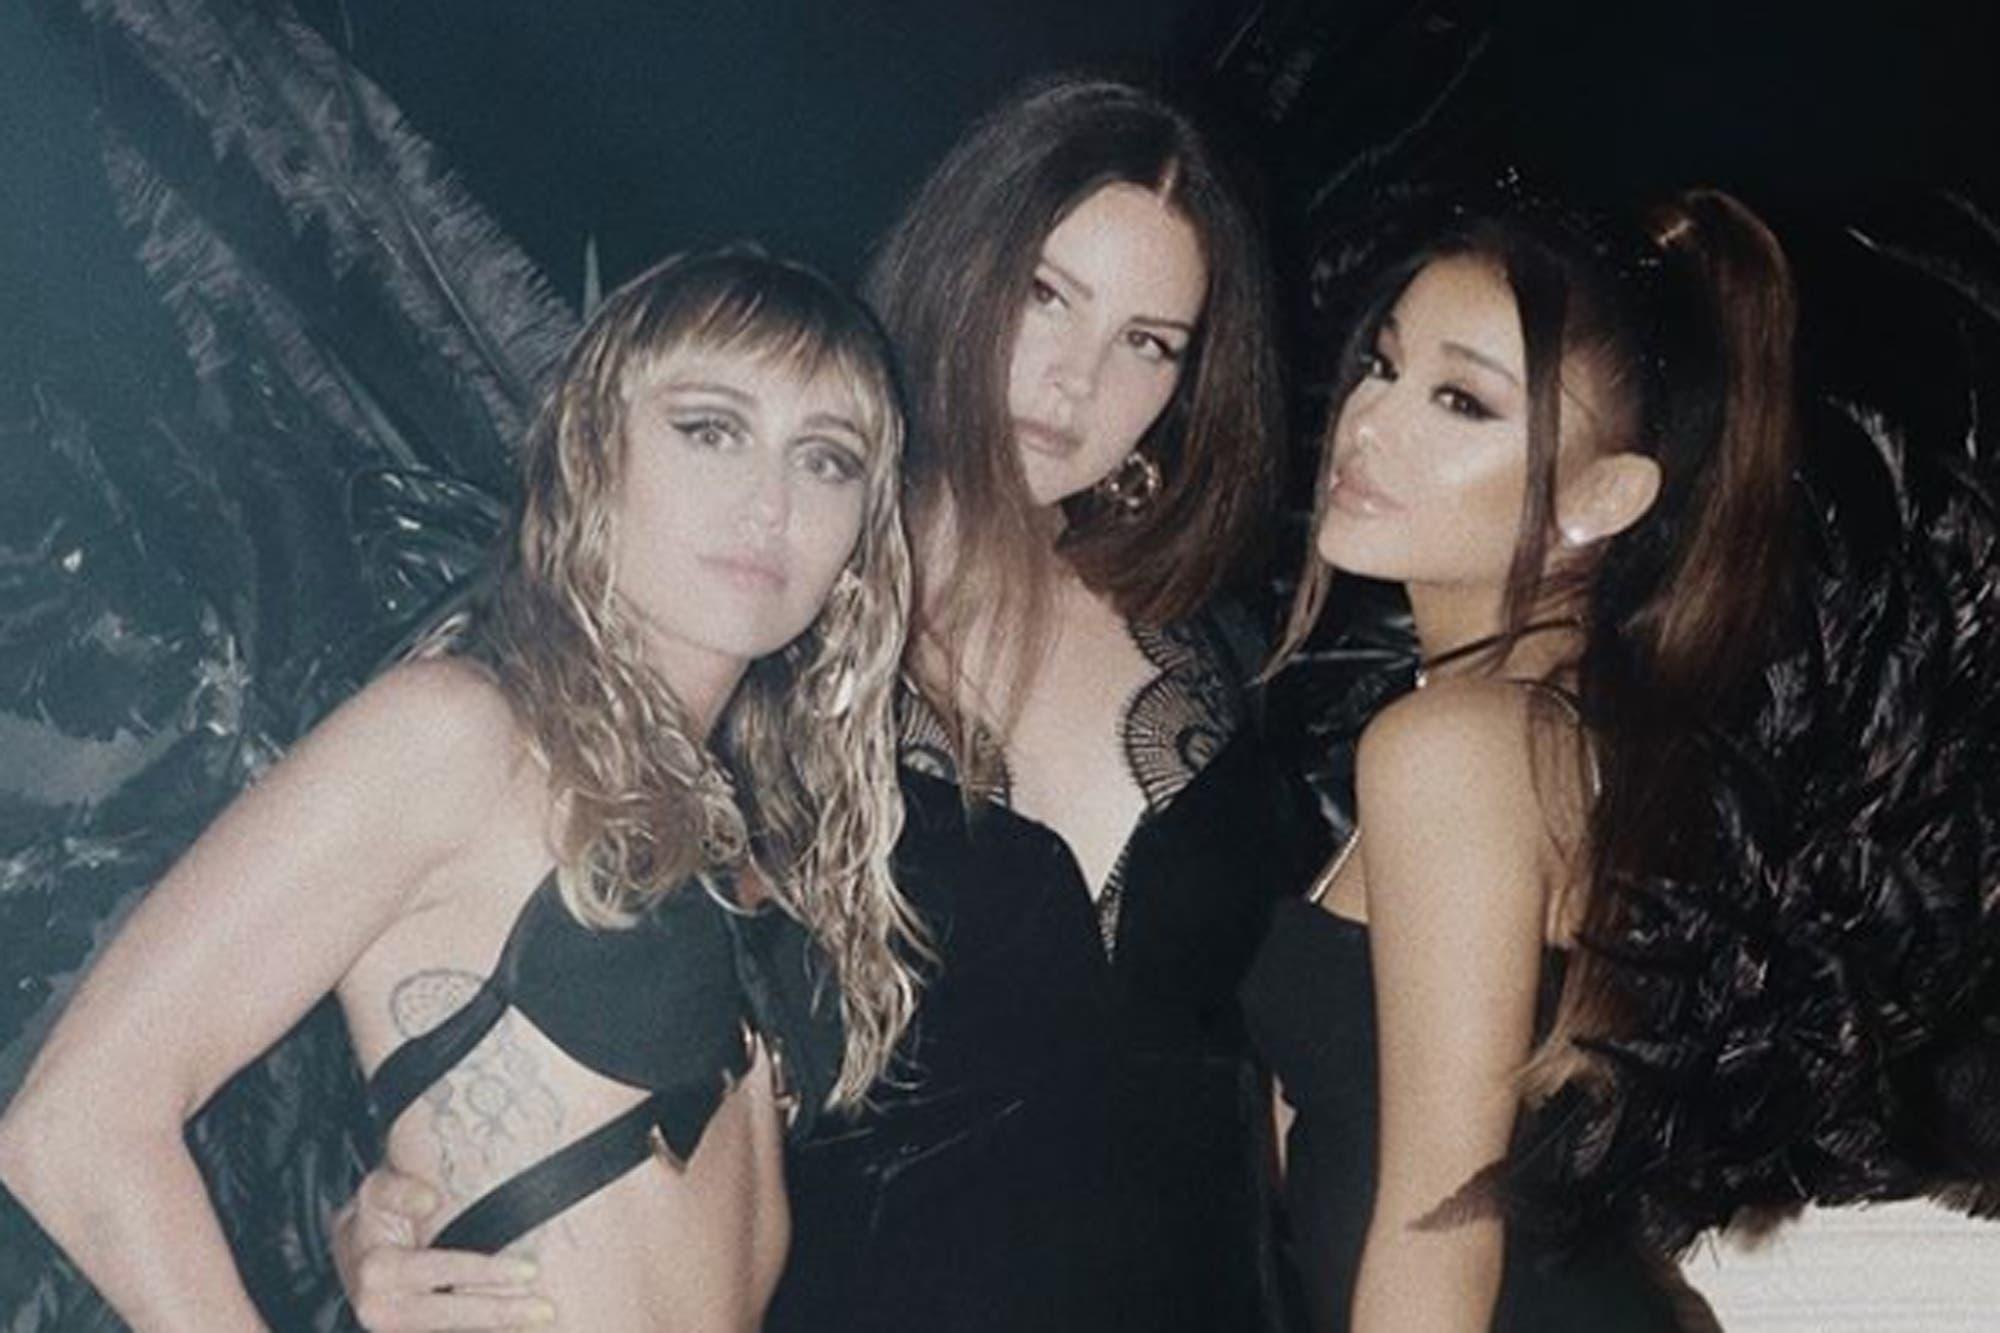 Ariana Grande, Miley Cyrus y Lana Del Rey, juntas en un videoclip al estilo Los Ángles de Charlie